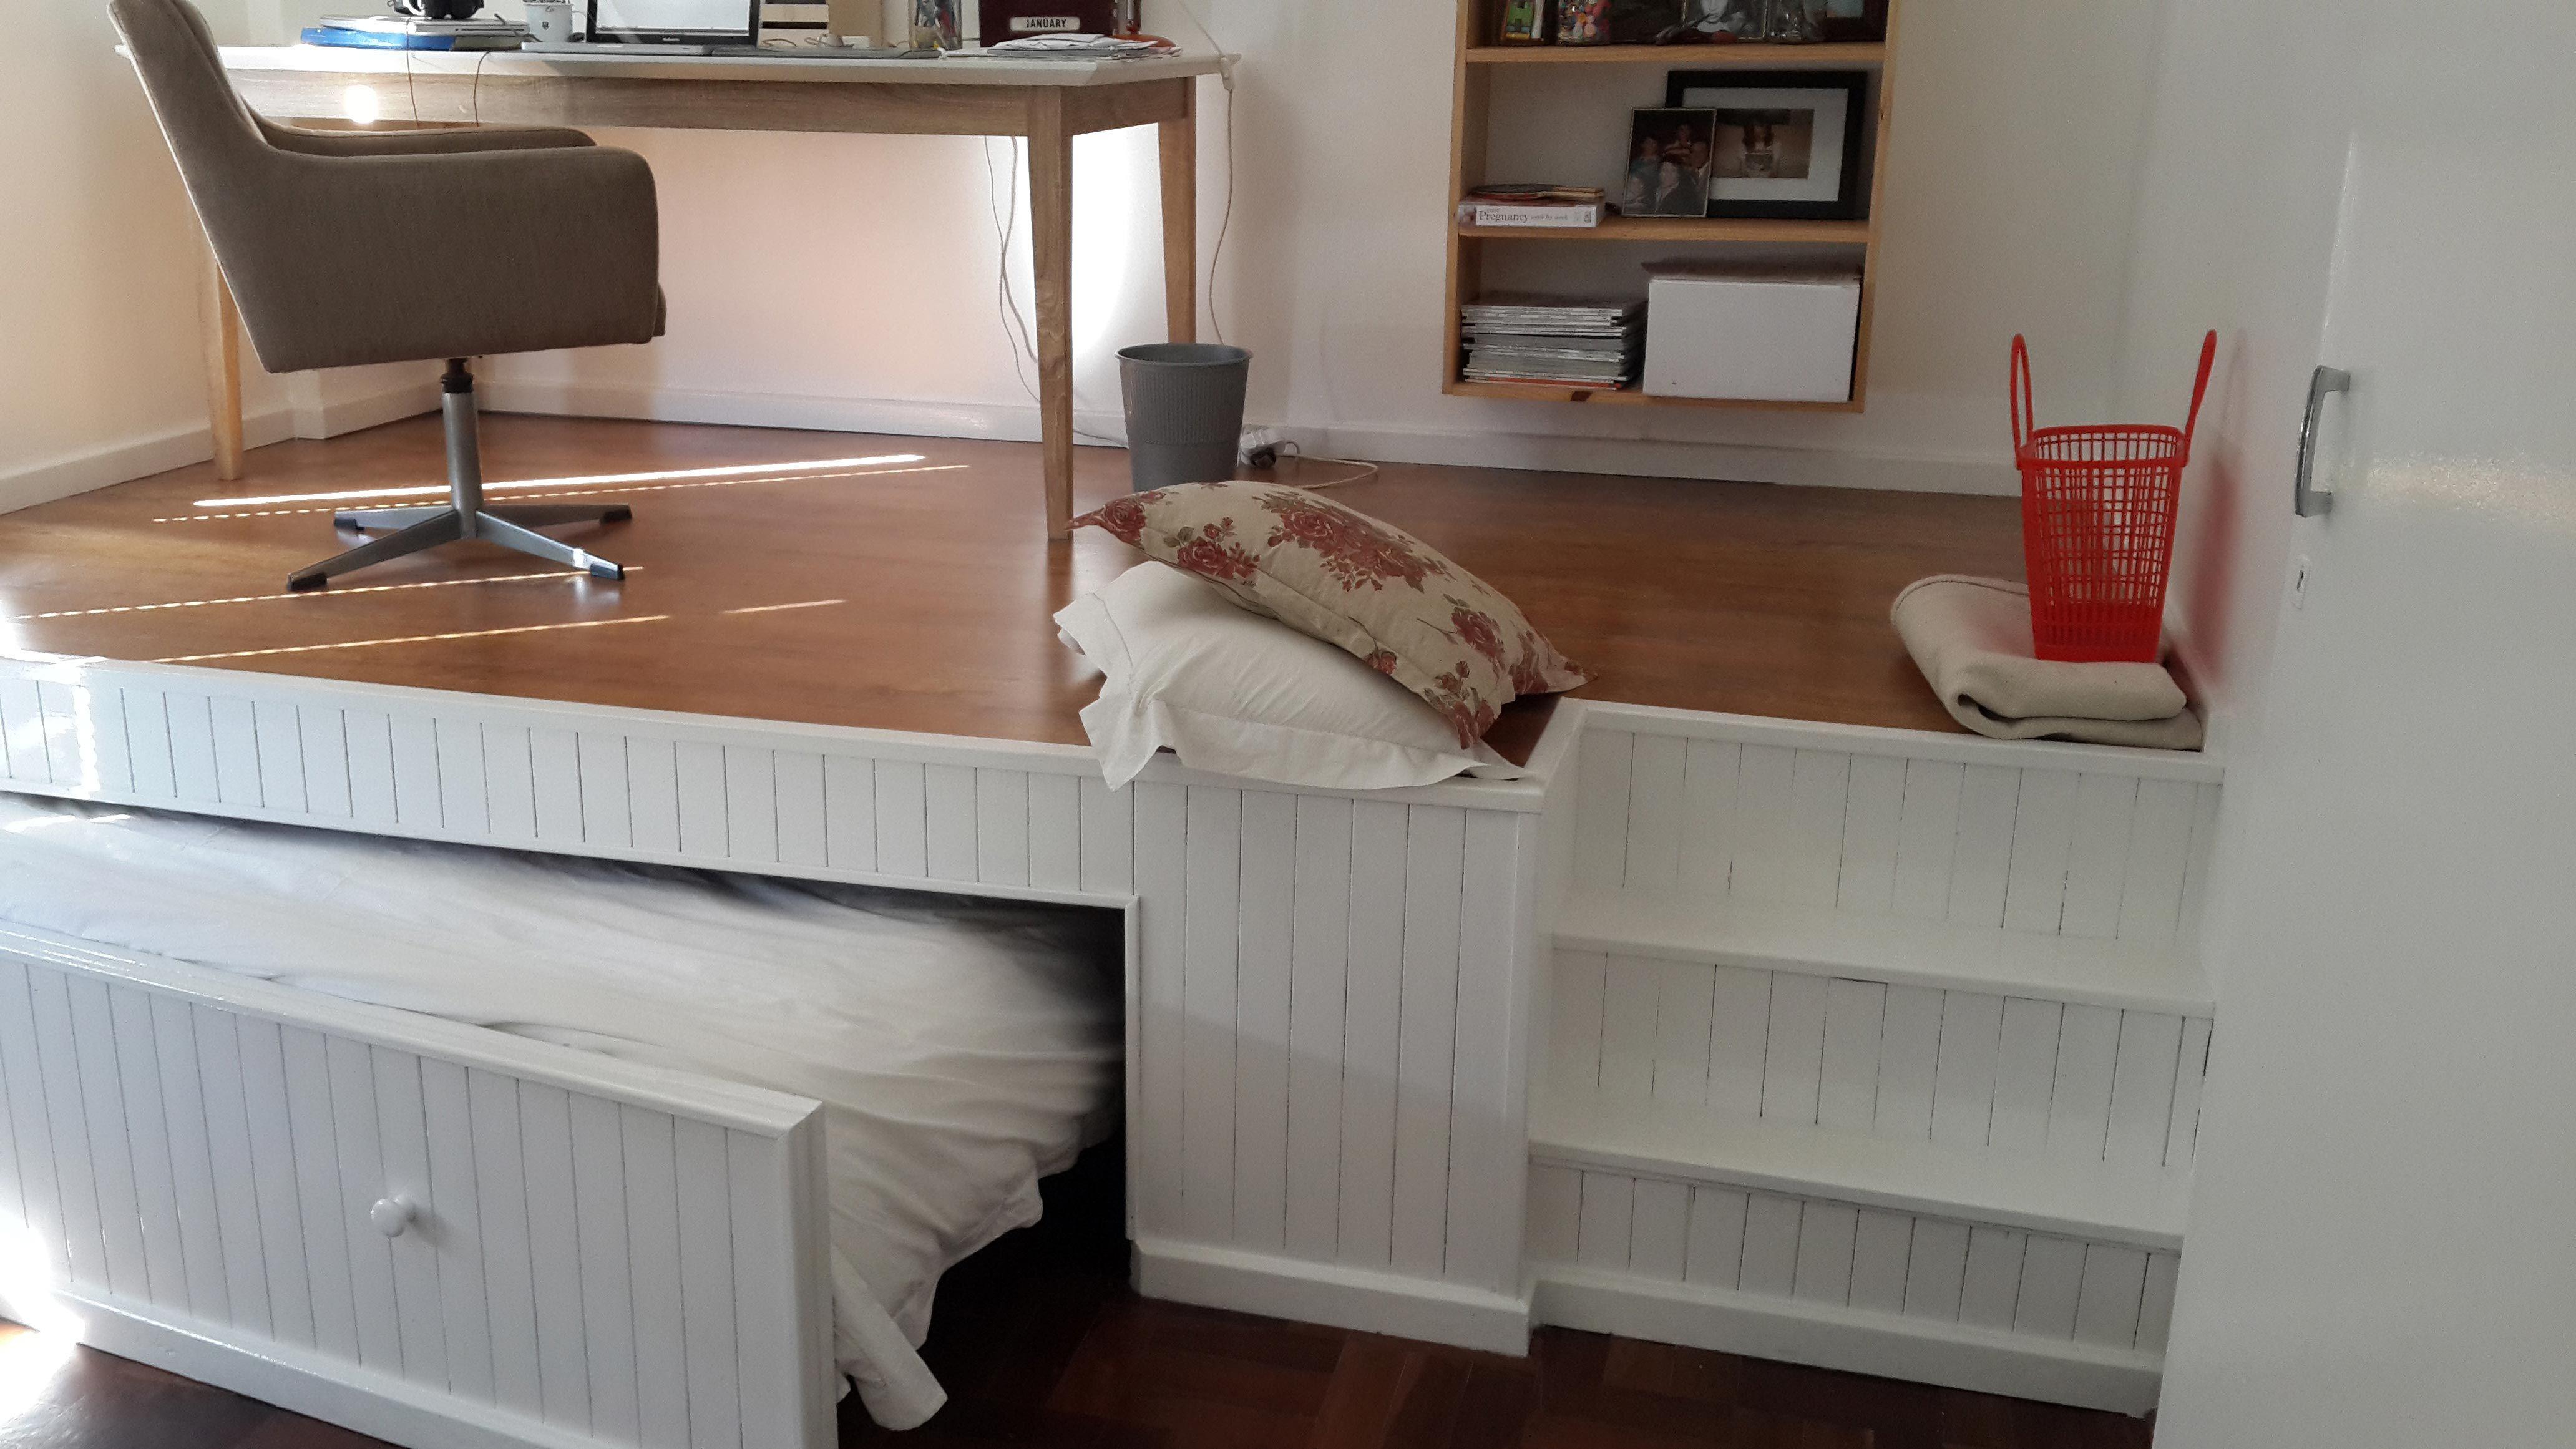 La cama aparece tirando de los dos pomos del frontal, y aunque en las fotos parezca más pequeña, tiene el tamaño suficiente para que dos persona adultas quepan a la perfección.